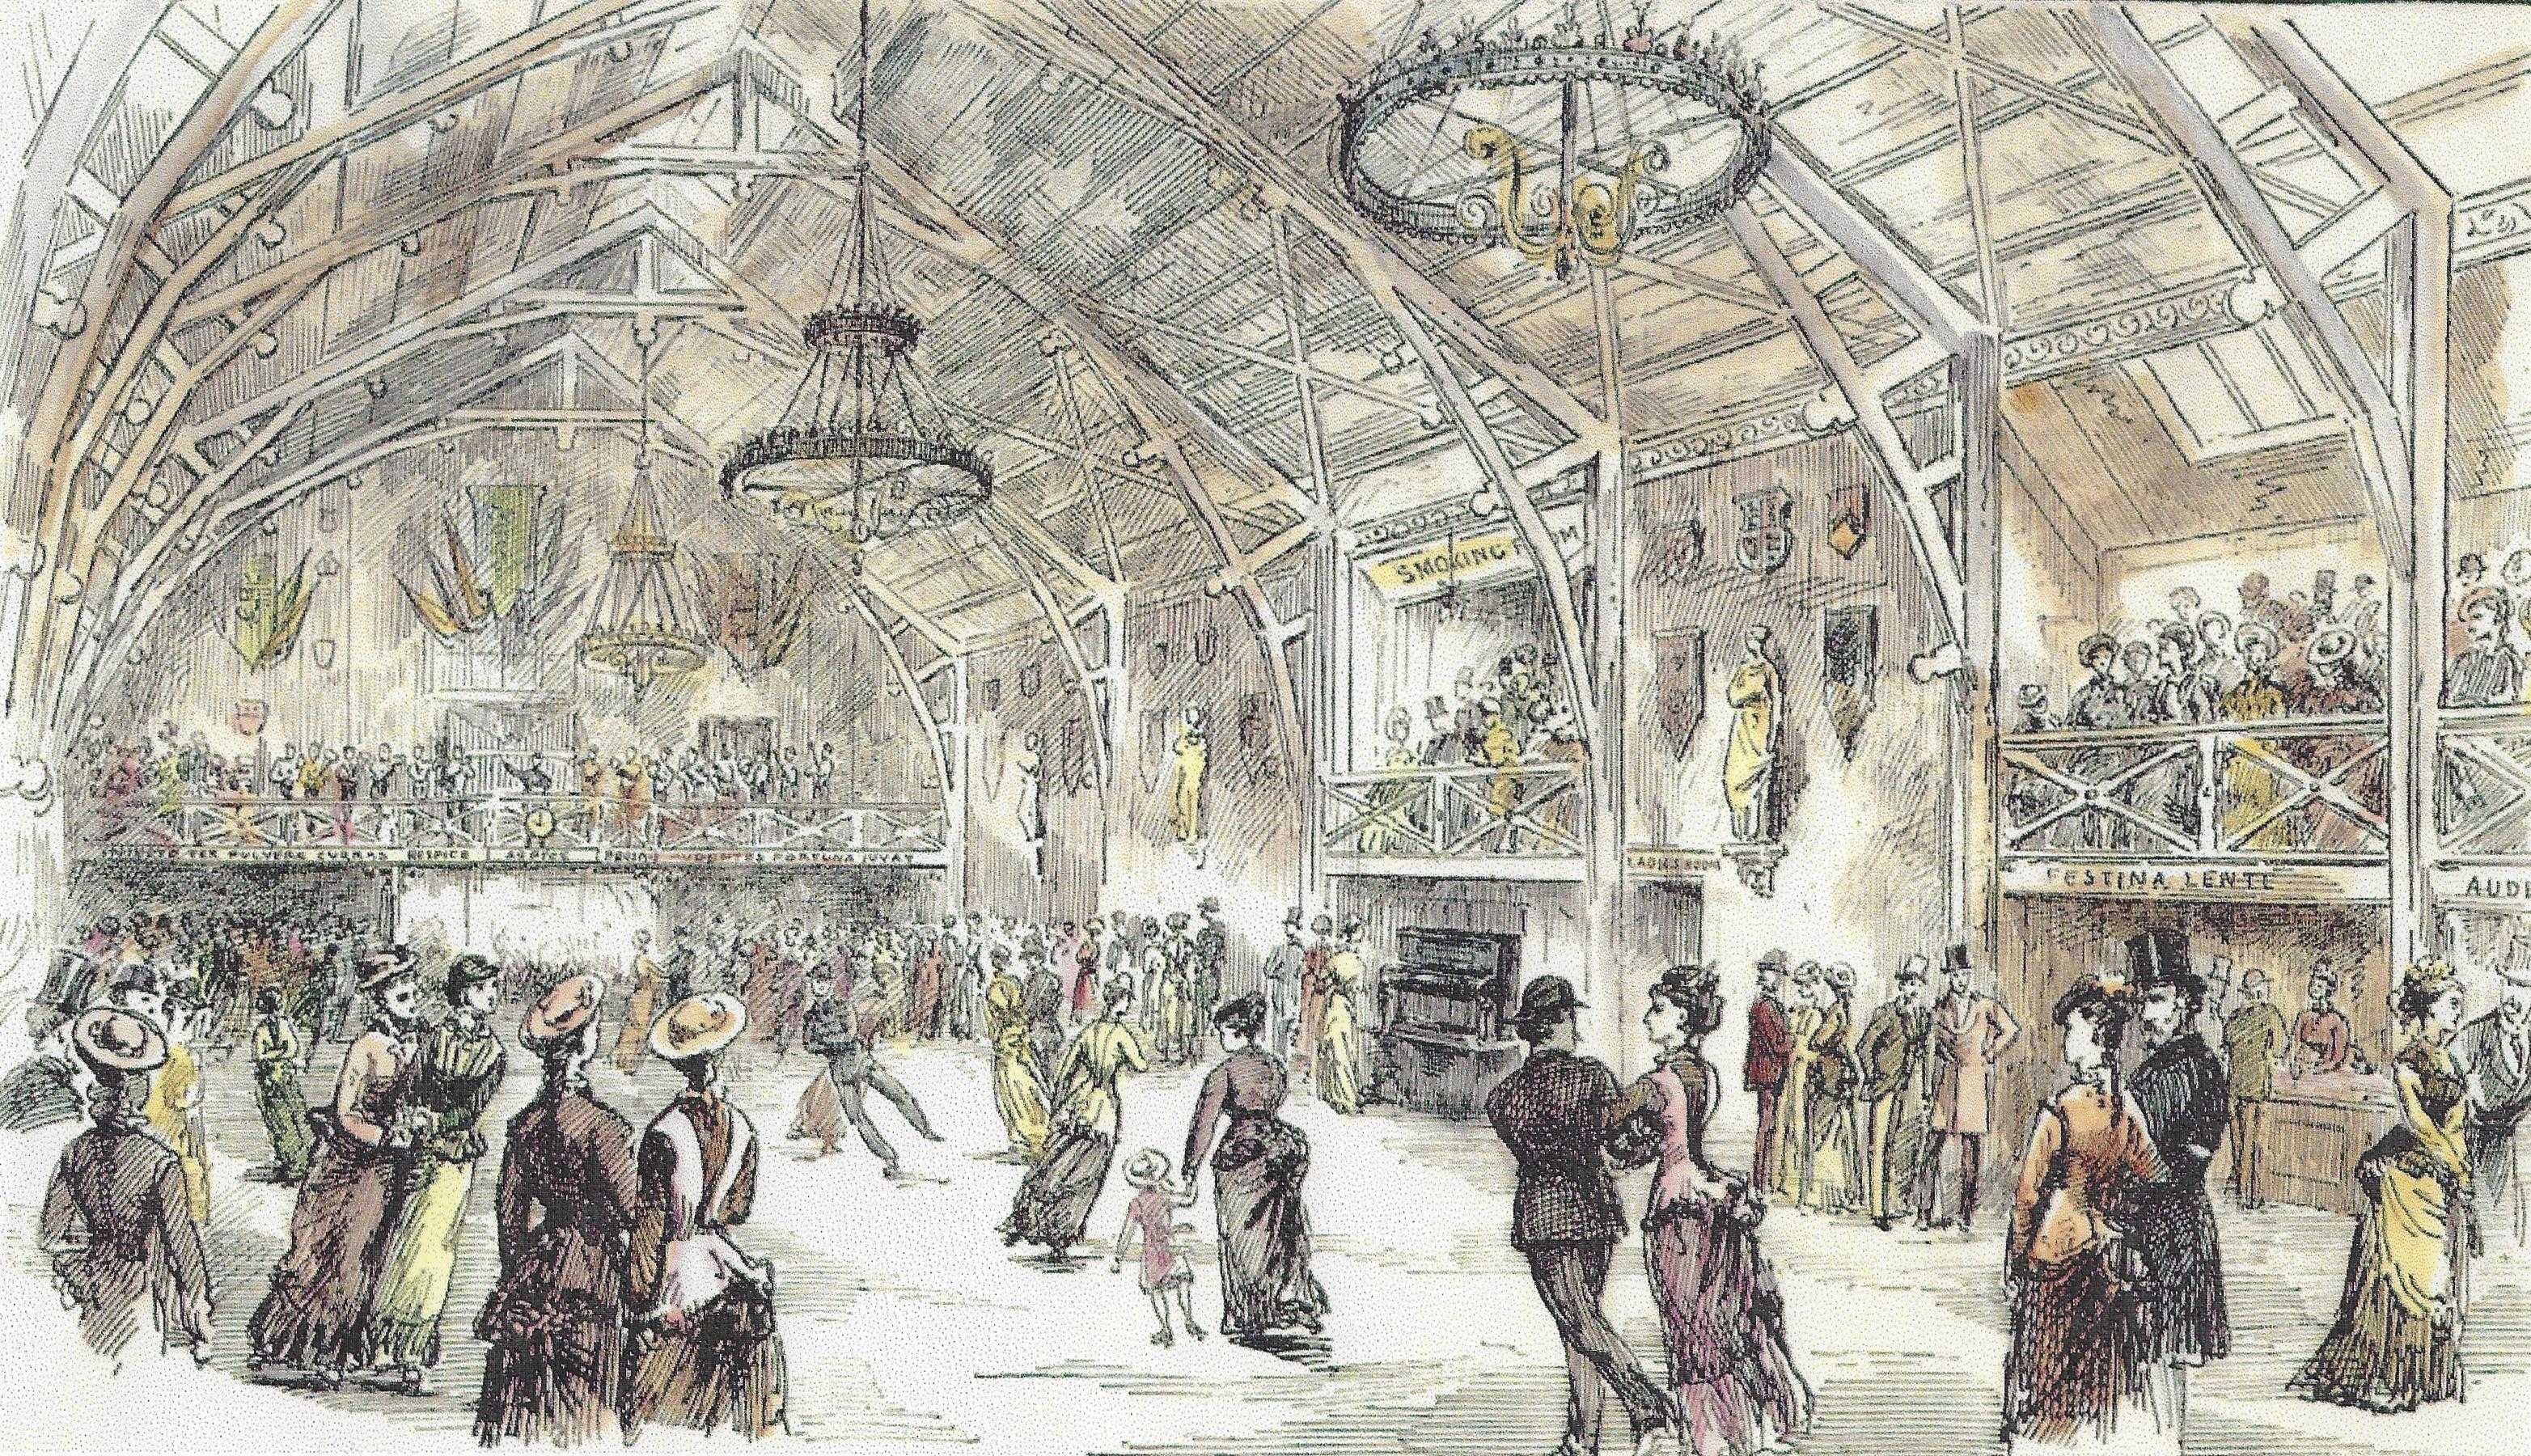 Victorian roller skating rink